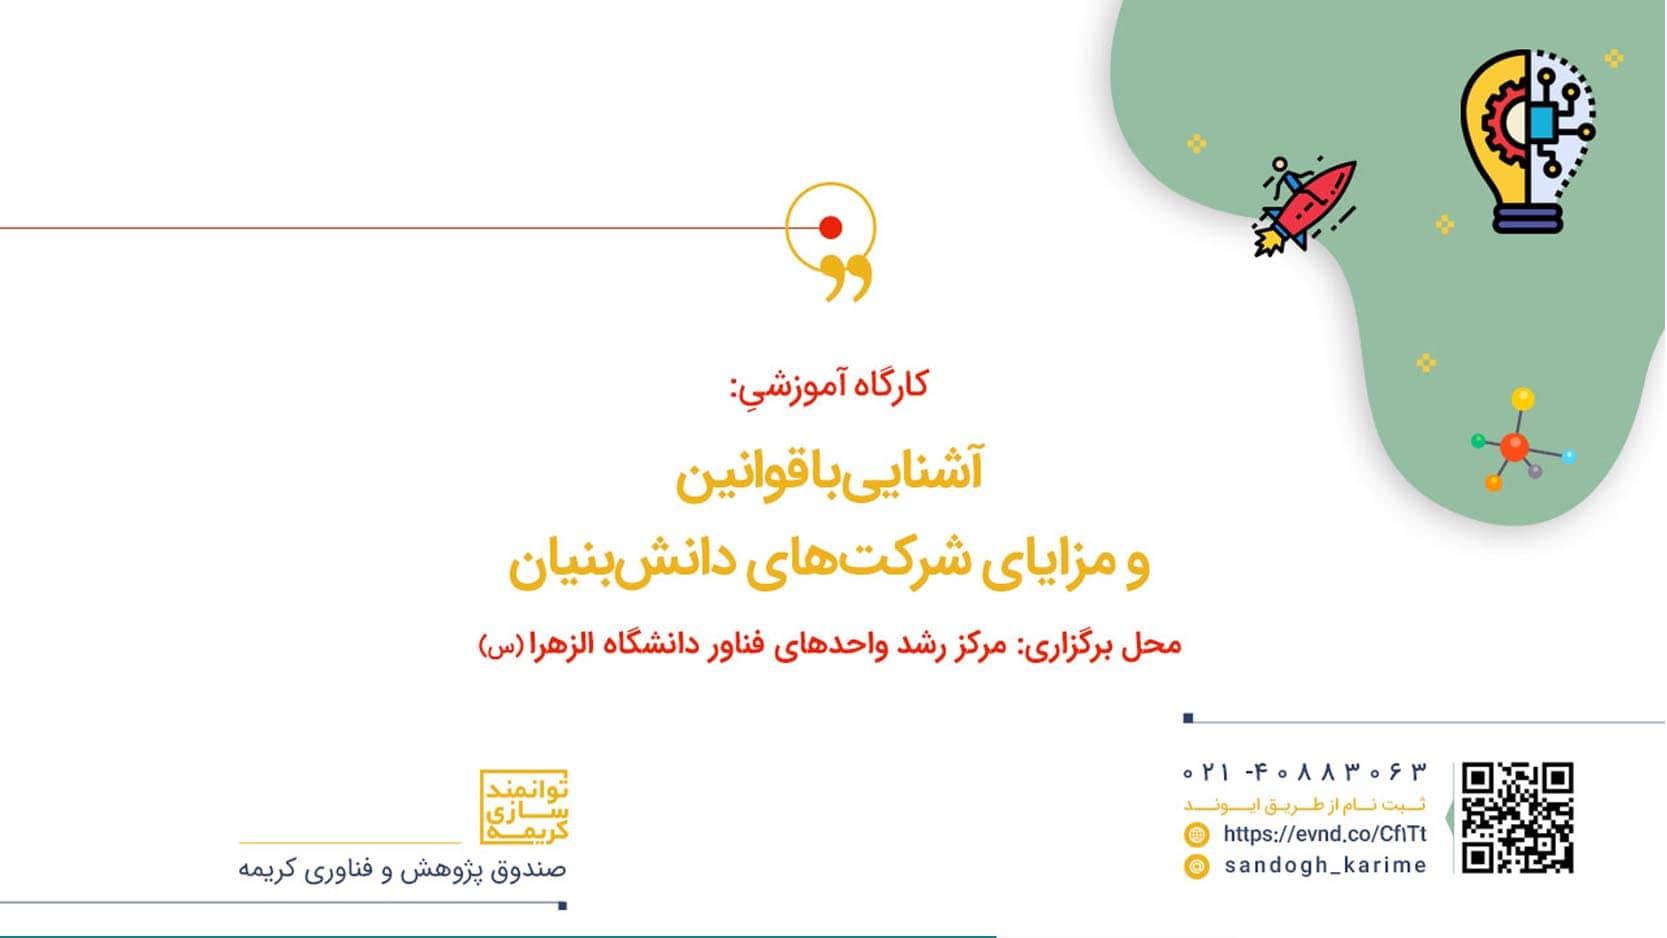 برگزاری کارگاه آشنایی با قوانین و مزایای شرکتهای دانشبنیان